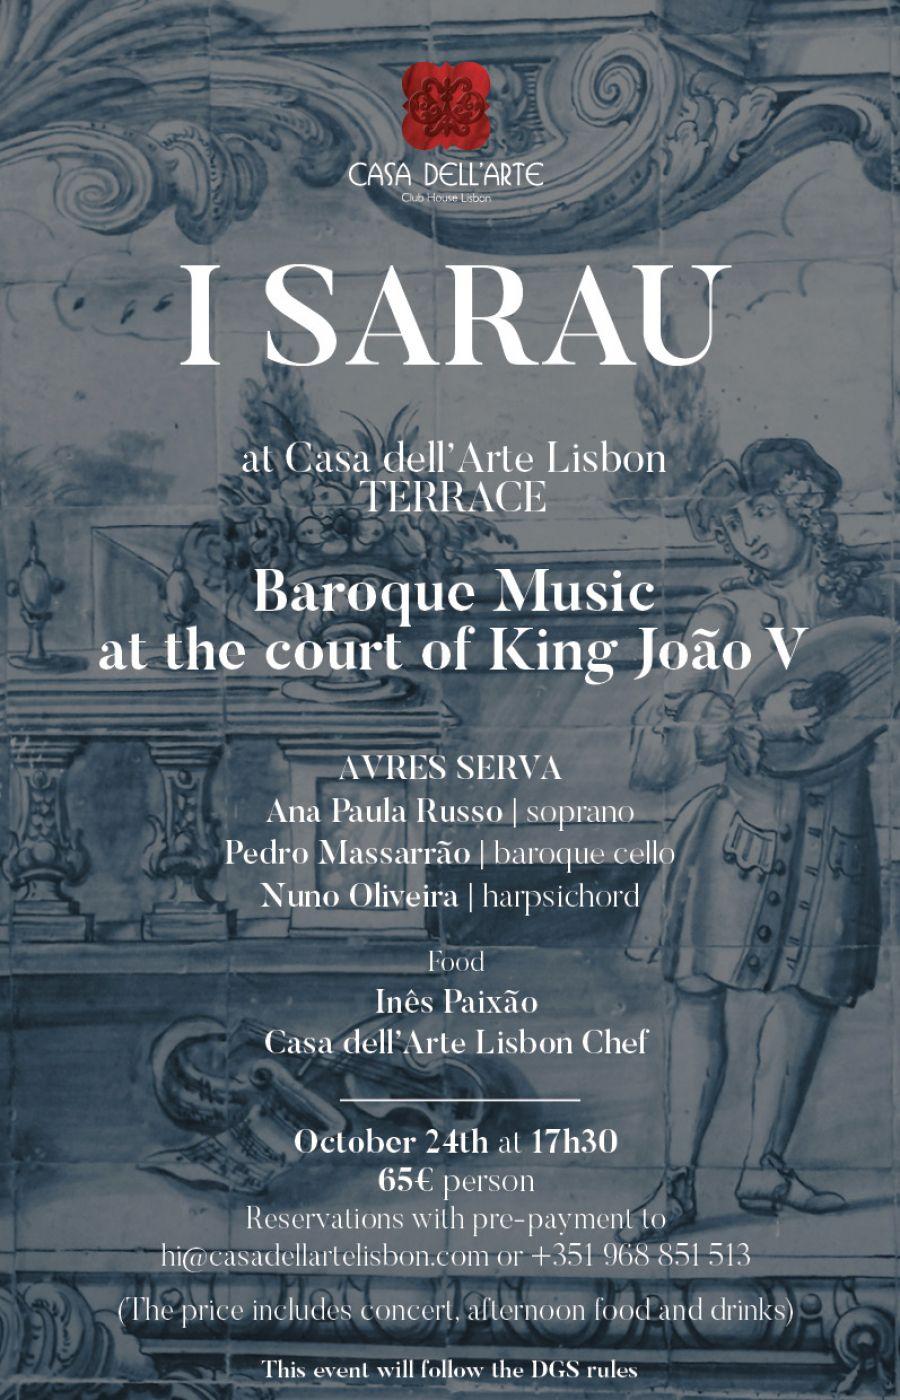 I Sarau de Musica Barroca e Gastronomia na Casa dell'Arte